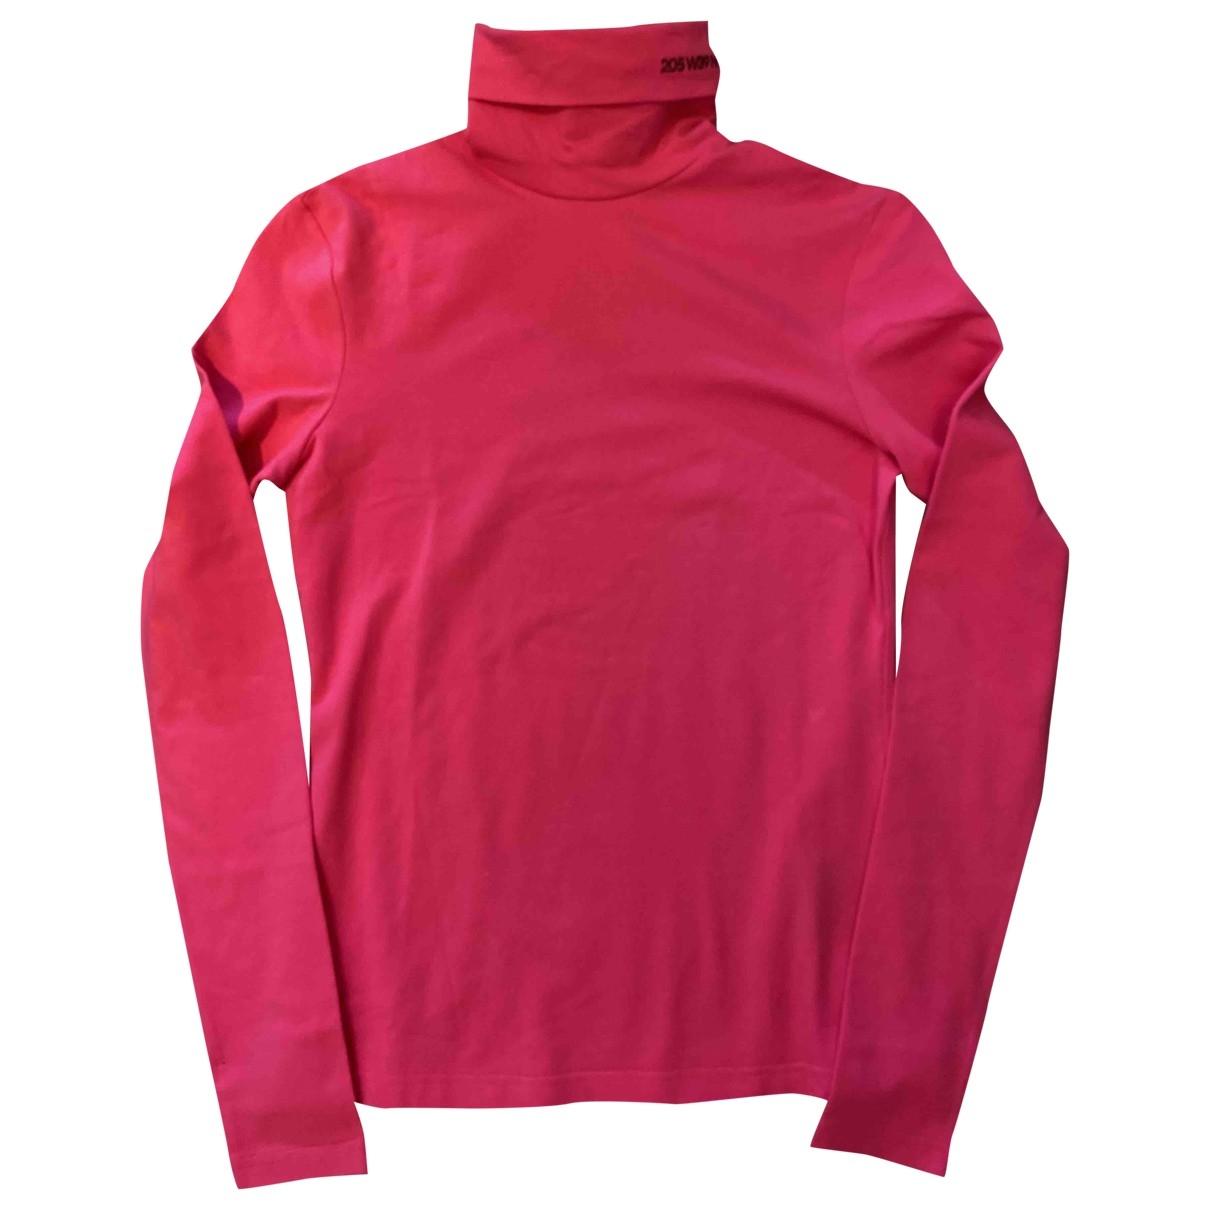 Calvin Klein 205w39nyc - Top   pour femme en coton - rose